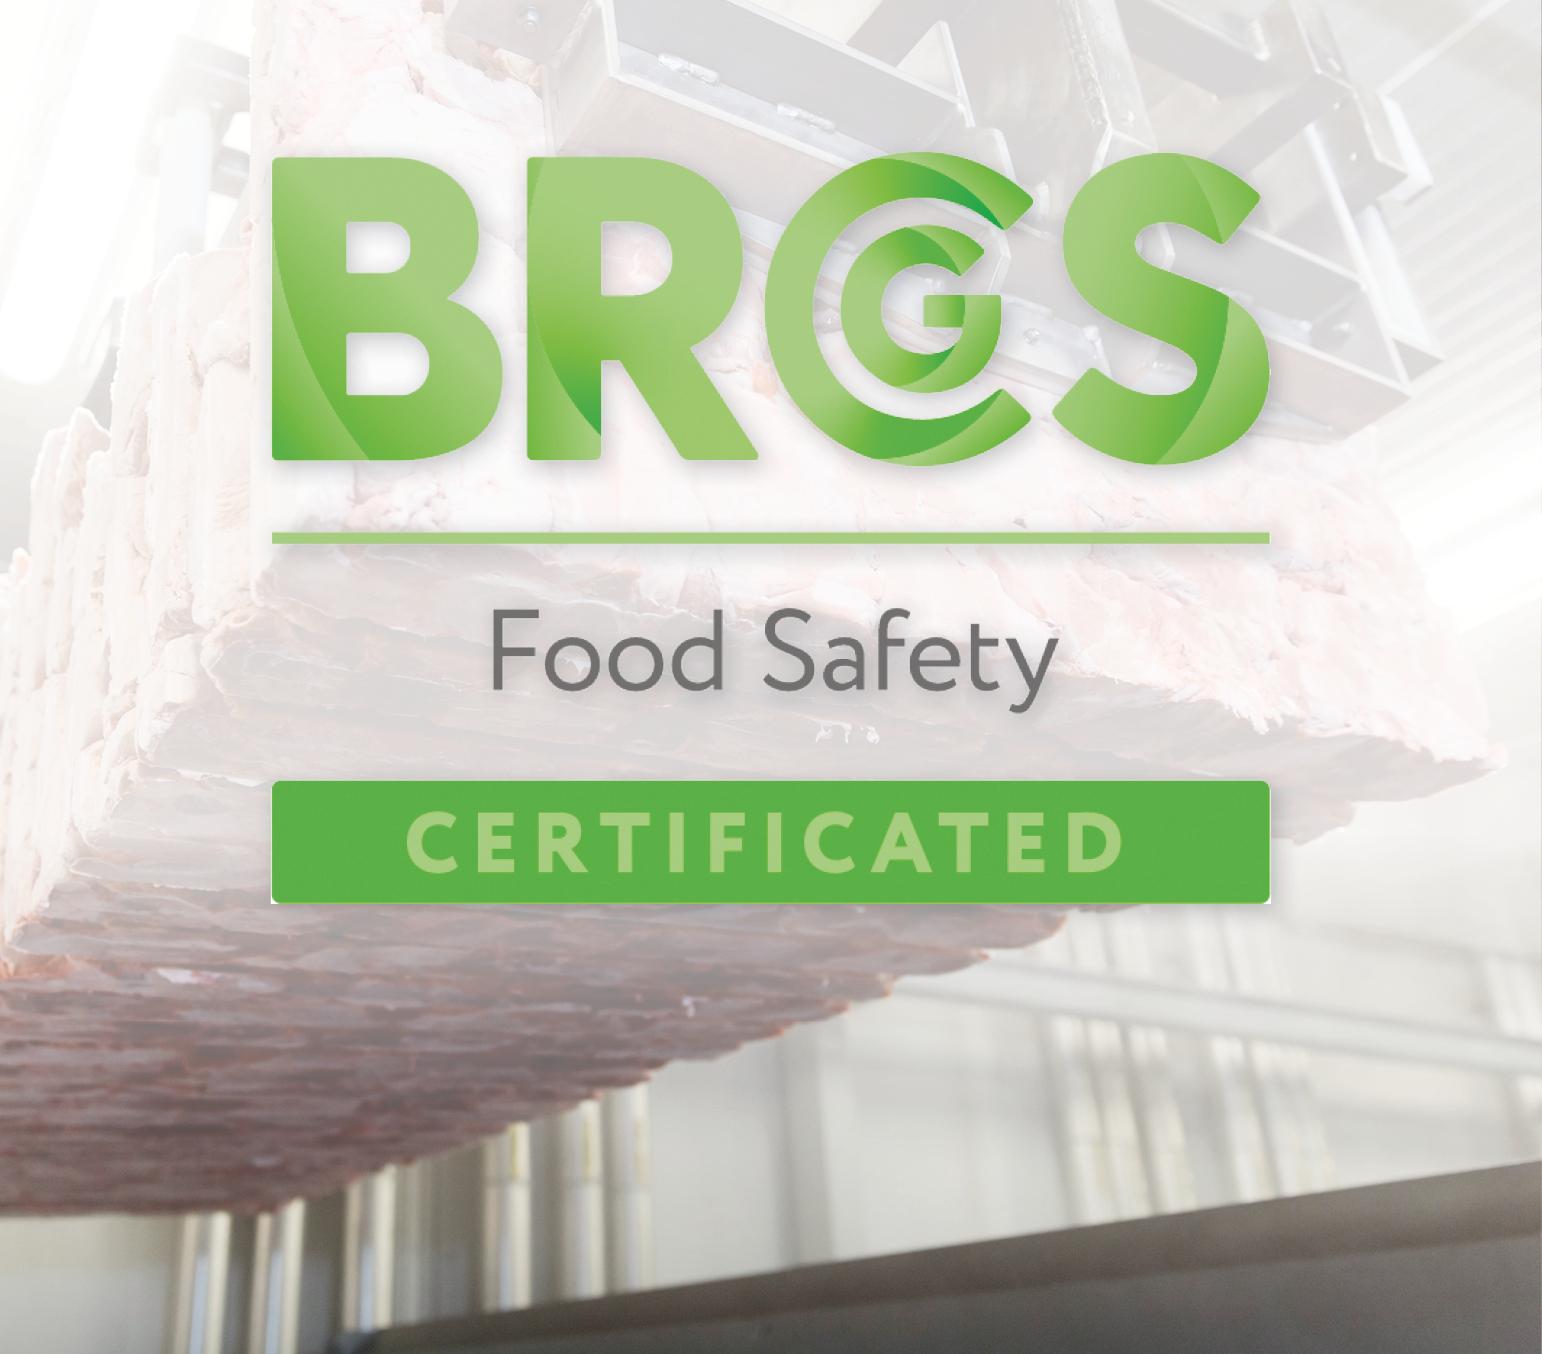 Vrieskade nu ook BRC-Food gecertificeerd